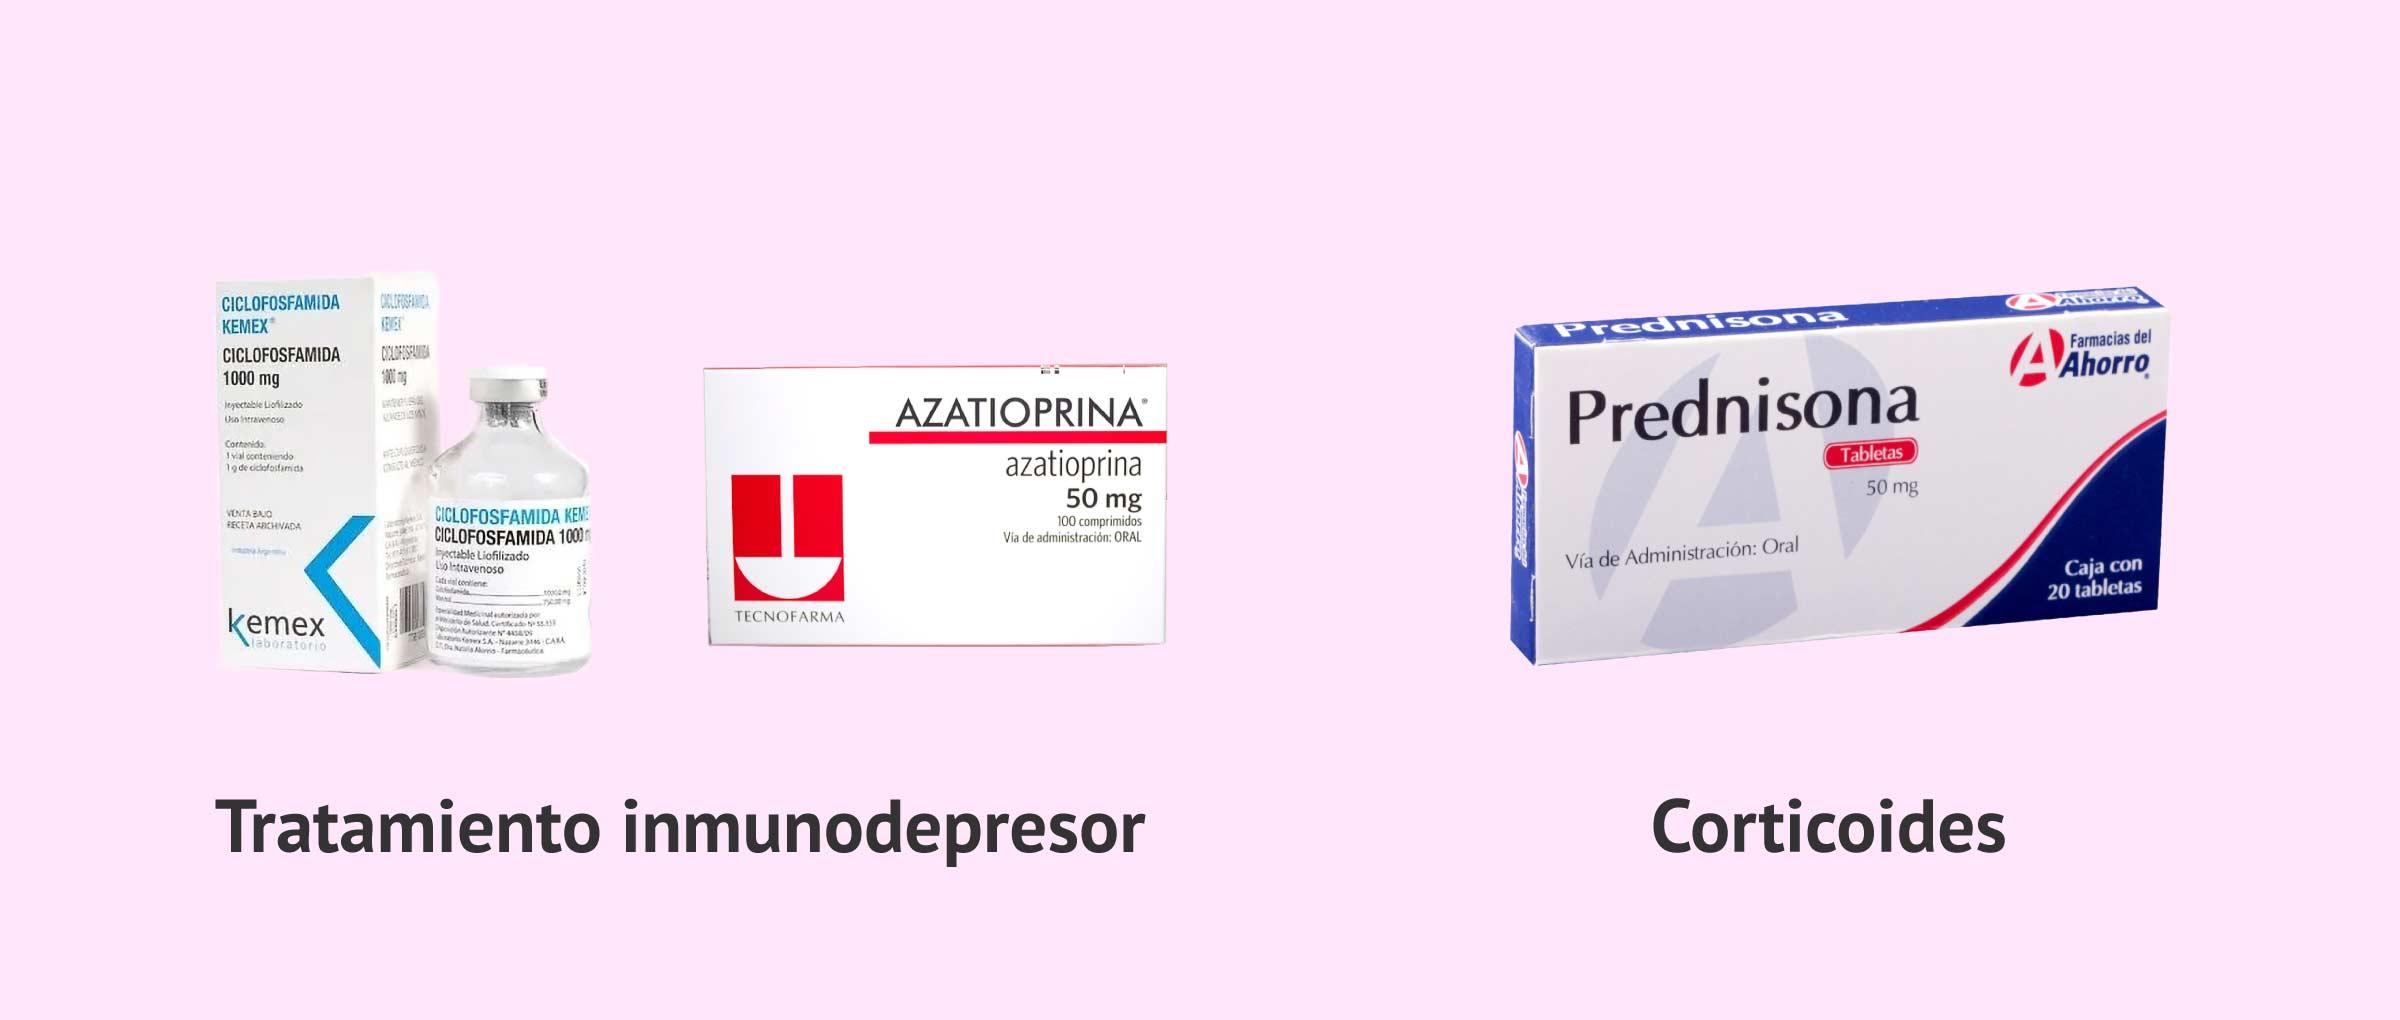 Tratamiento para las enfermedades autoinmunes